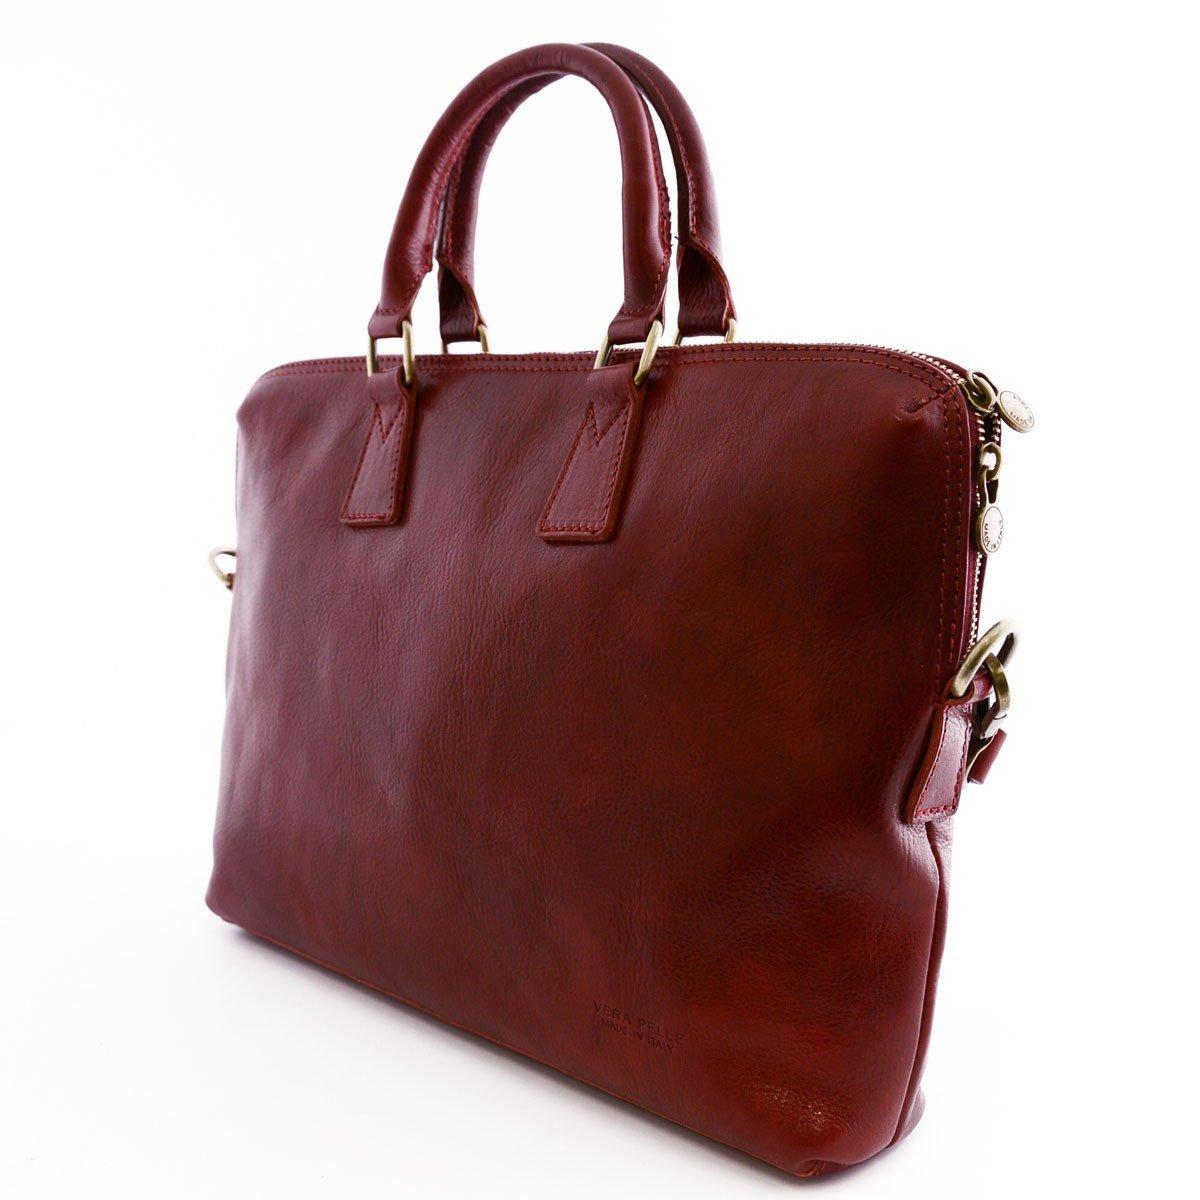 Portadocumenti A4 In Vera Pelle Con Tracolla Rimovibile Colore Rosso Pelletteria Toscana Made In Italy Business